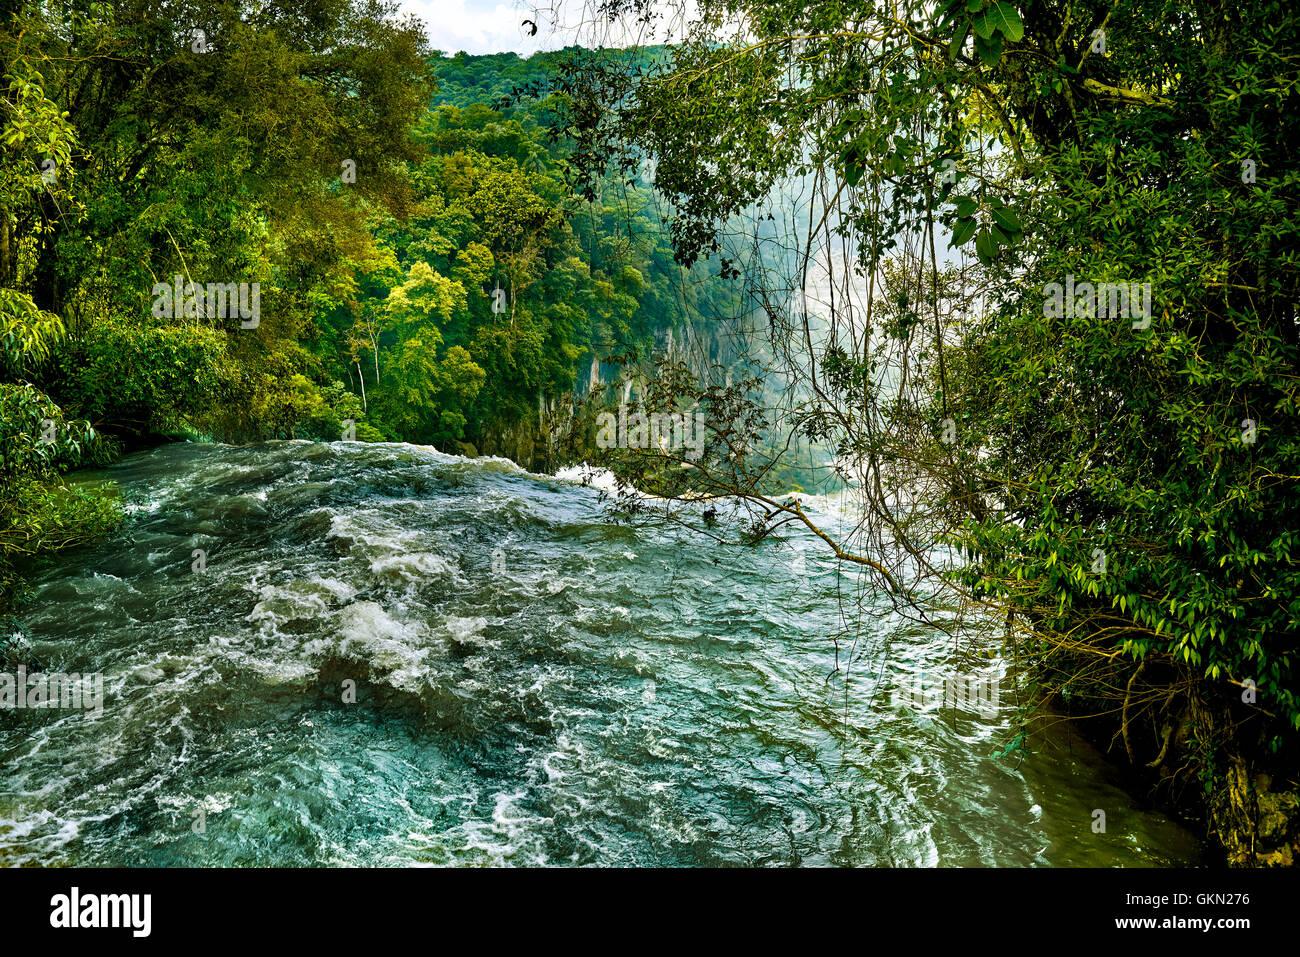 Iguazu Falls (aka Iguassu Falls or Cataratas del Iguazu), Misiones Province, Argentina - Stock Image